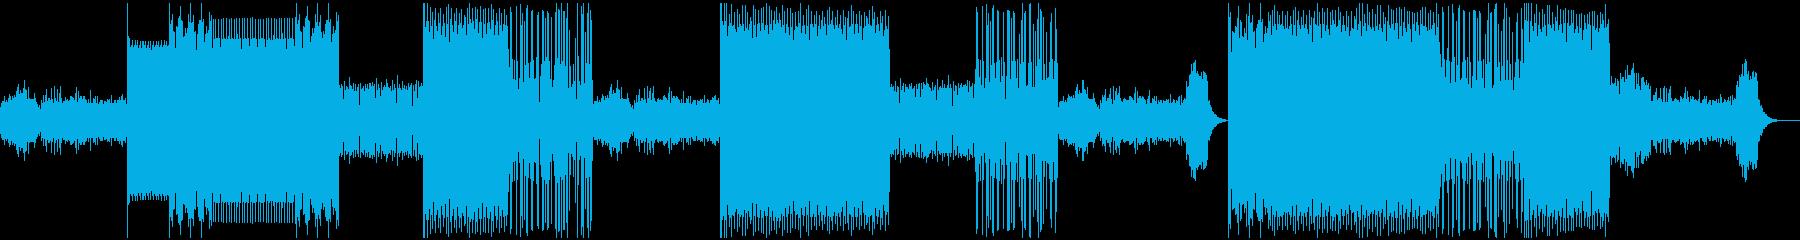 サイバーチックなダークテクノの再生済みの波形